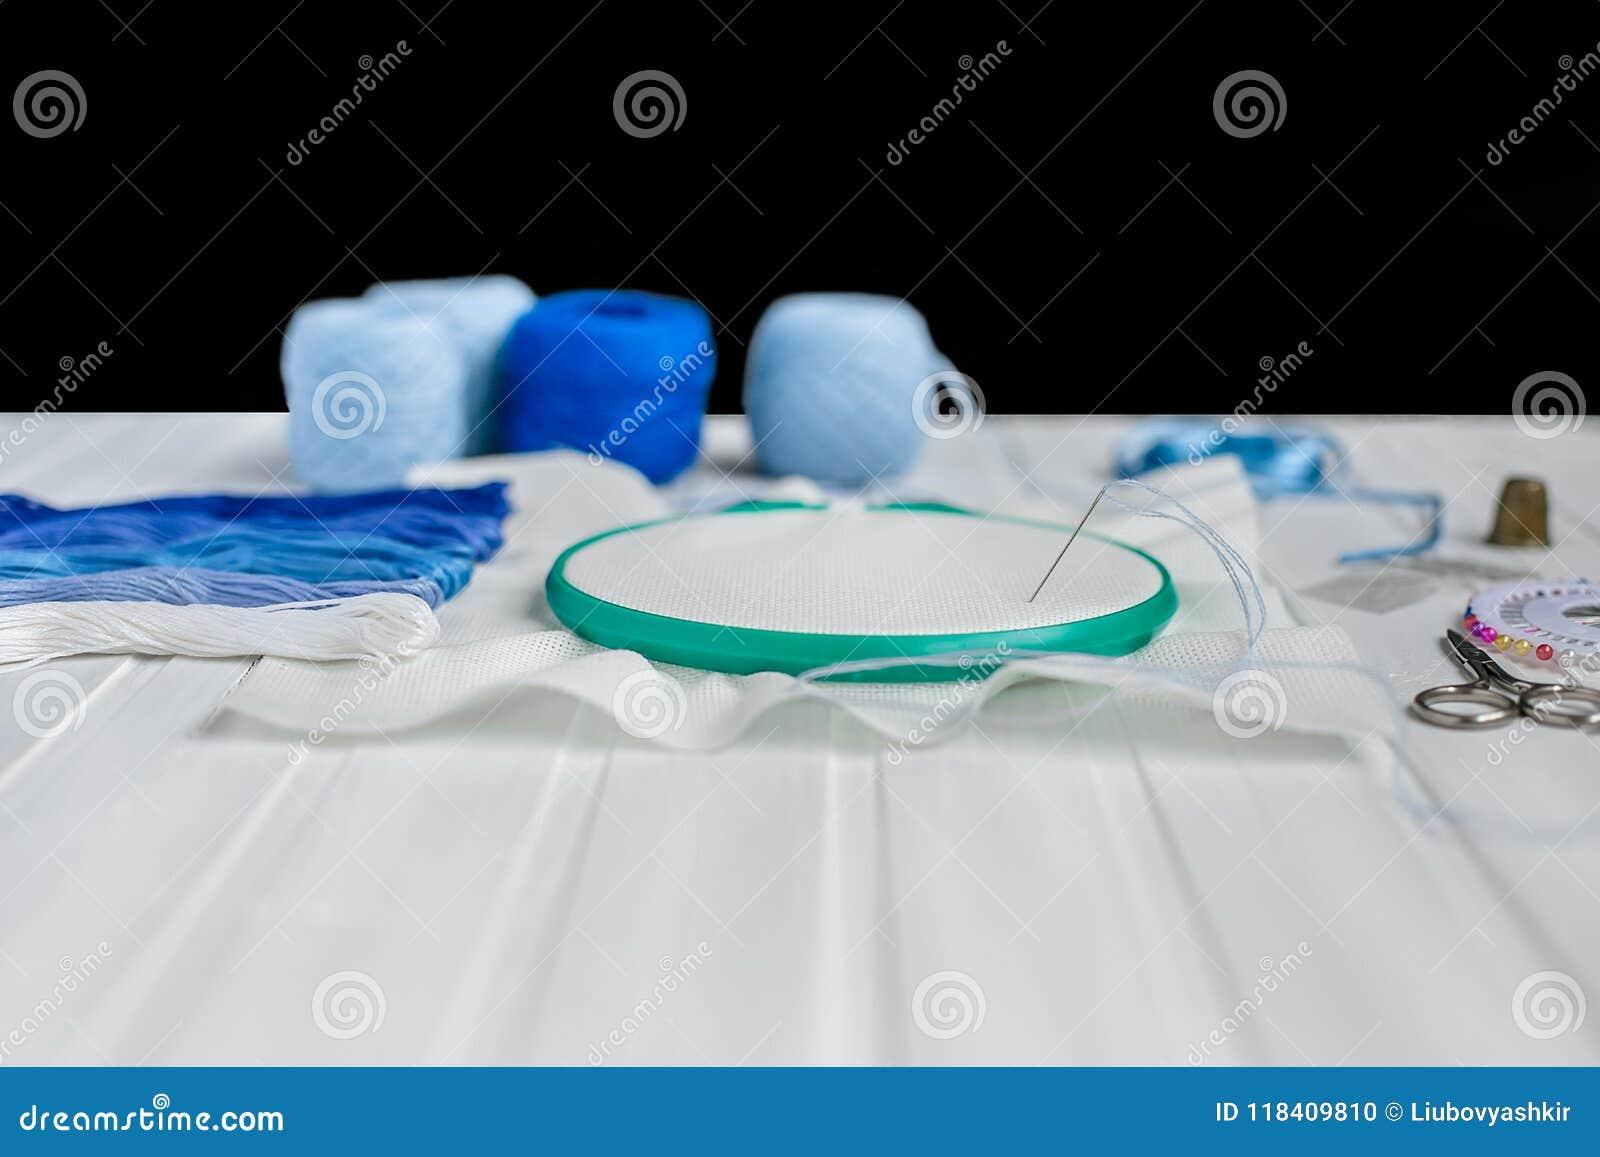 Установите для вышивки, обруча вышивки, linen ткани, потока, ножниц, вышитой кровати иглы